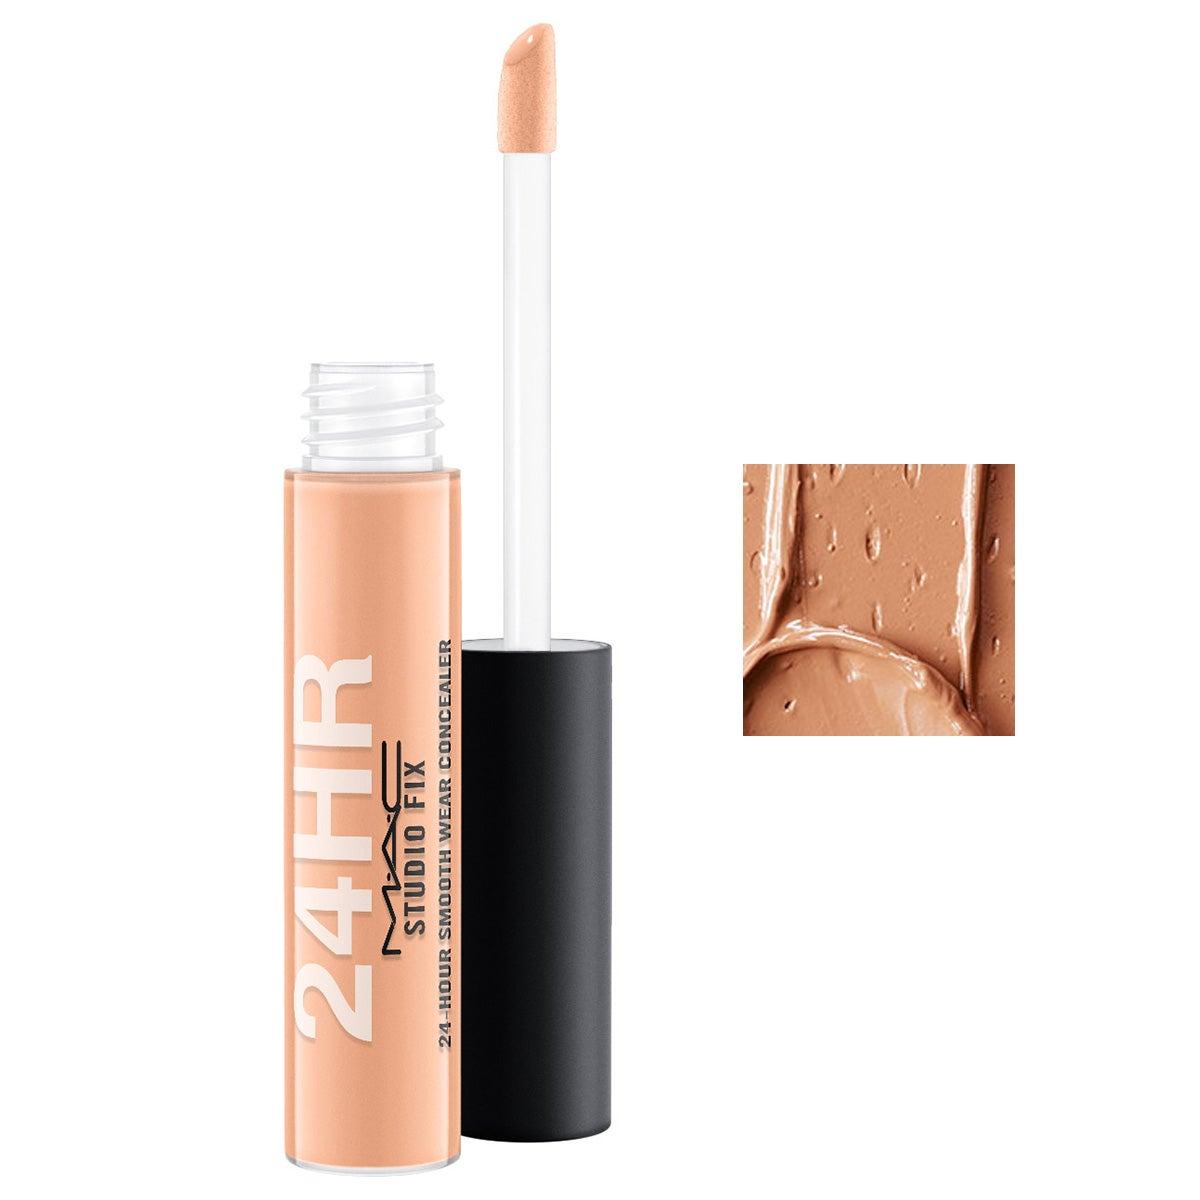 Studio Fix 24H smooth Wear Concealer 7 ml MAC Cosmetics Concealer